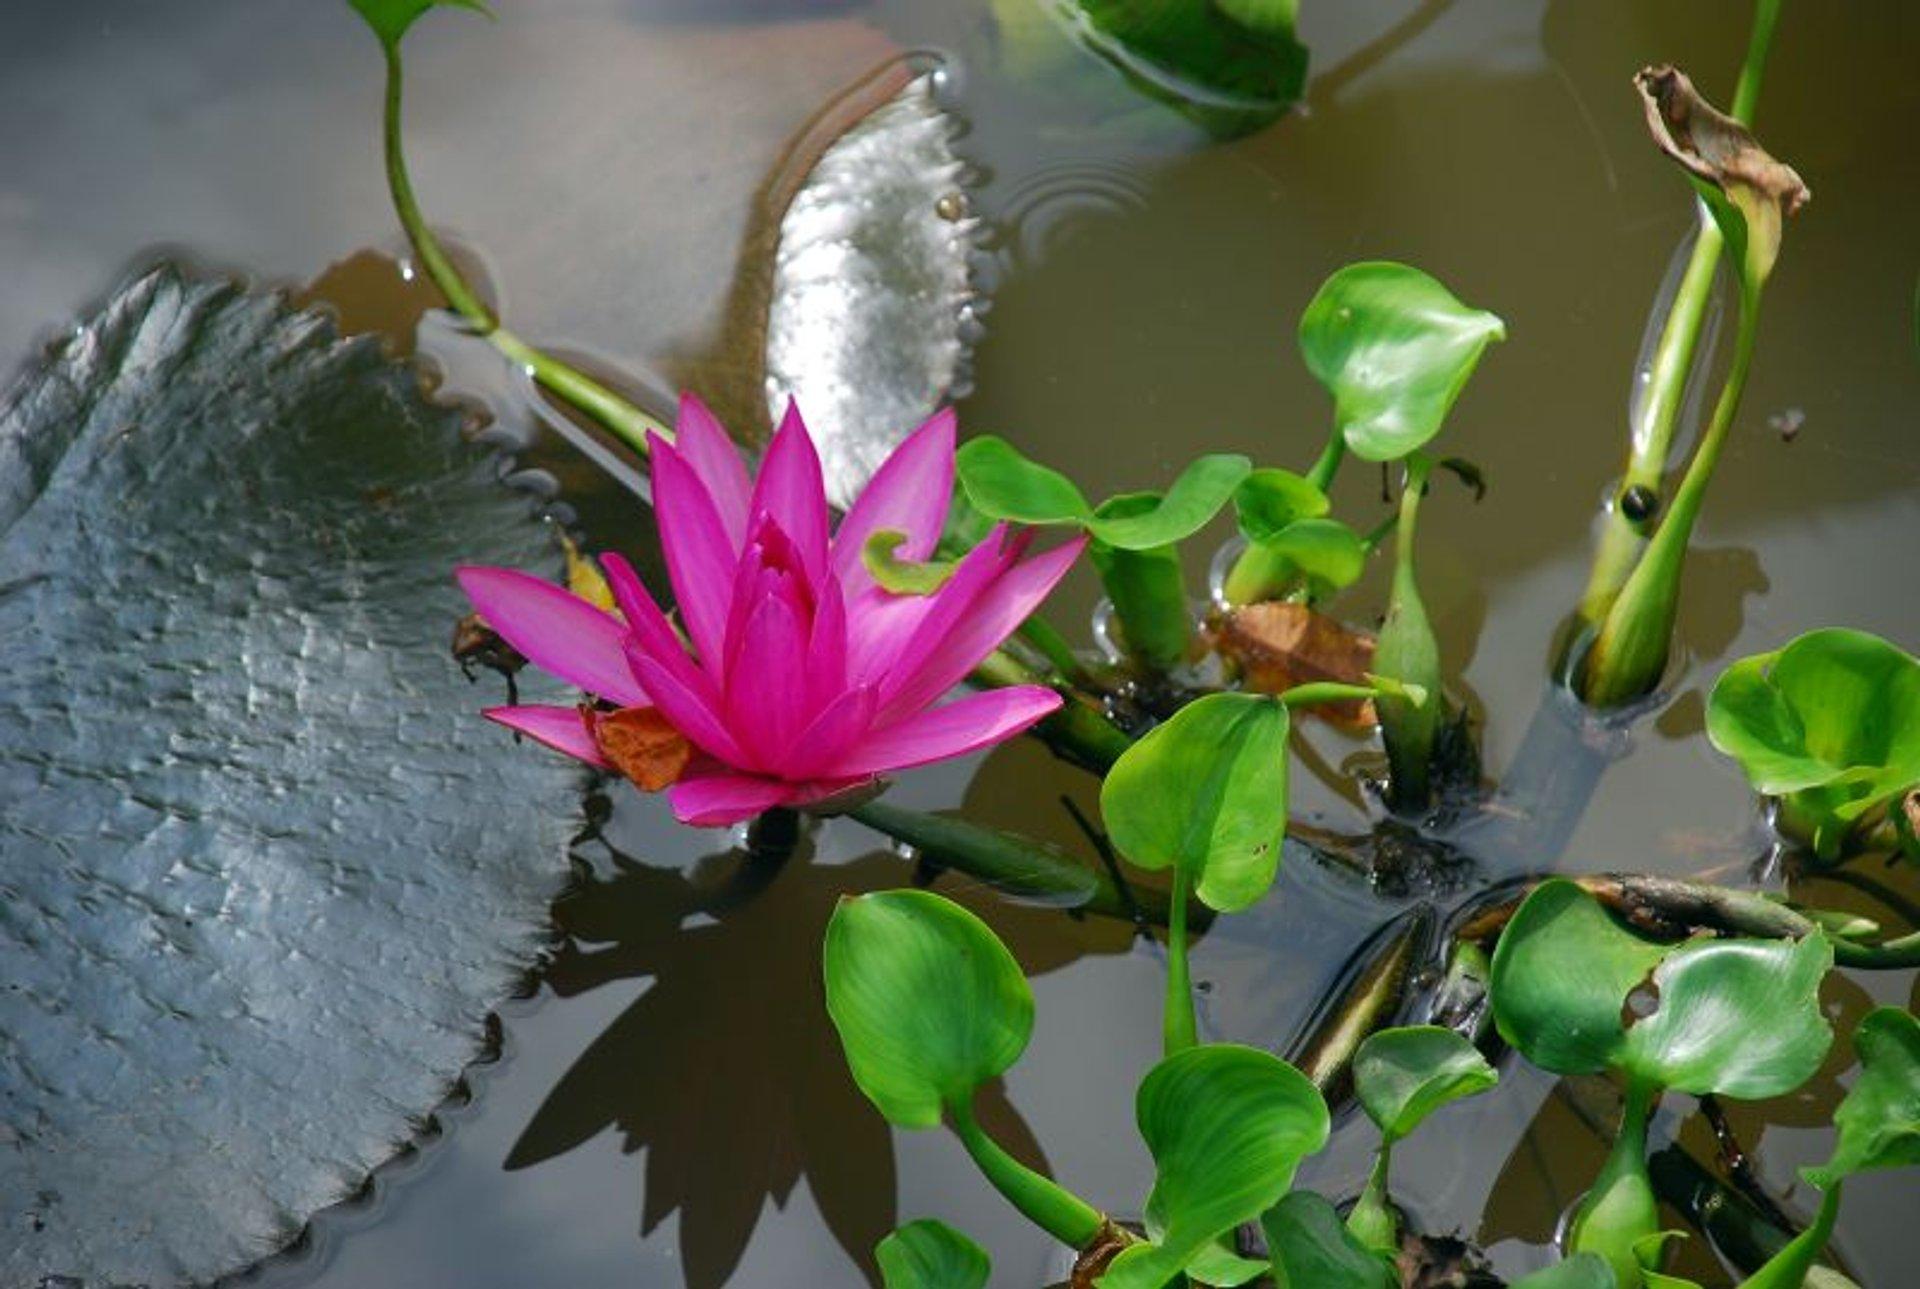 Mekong Delta Flower Season in Vietnam - Best Time